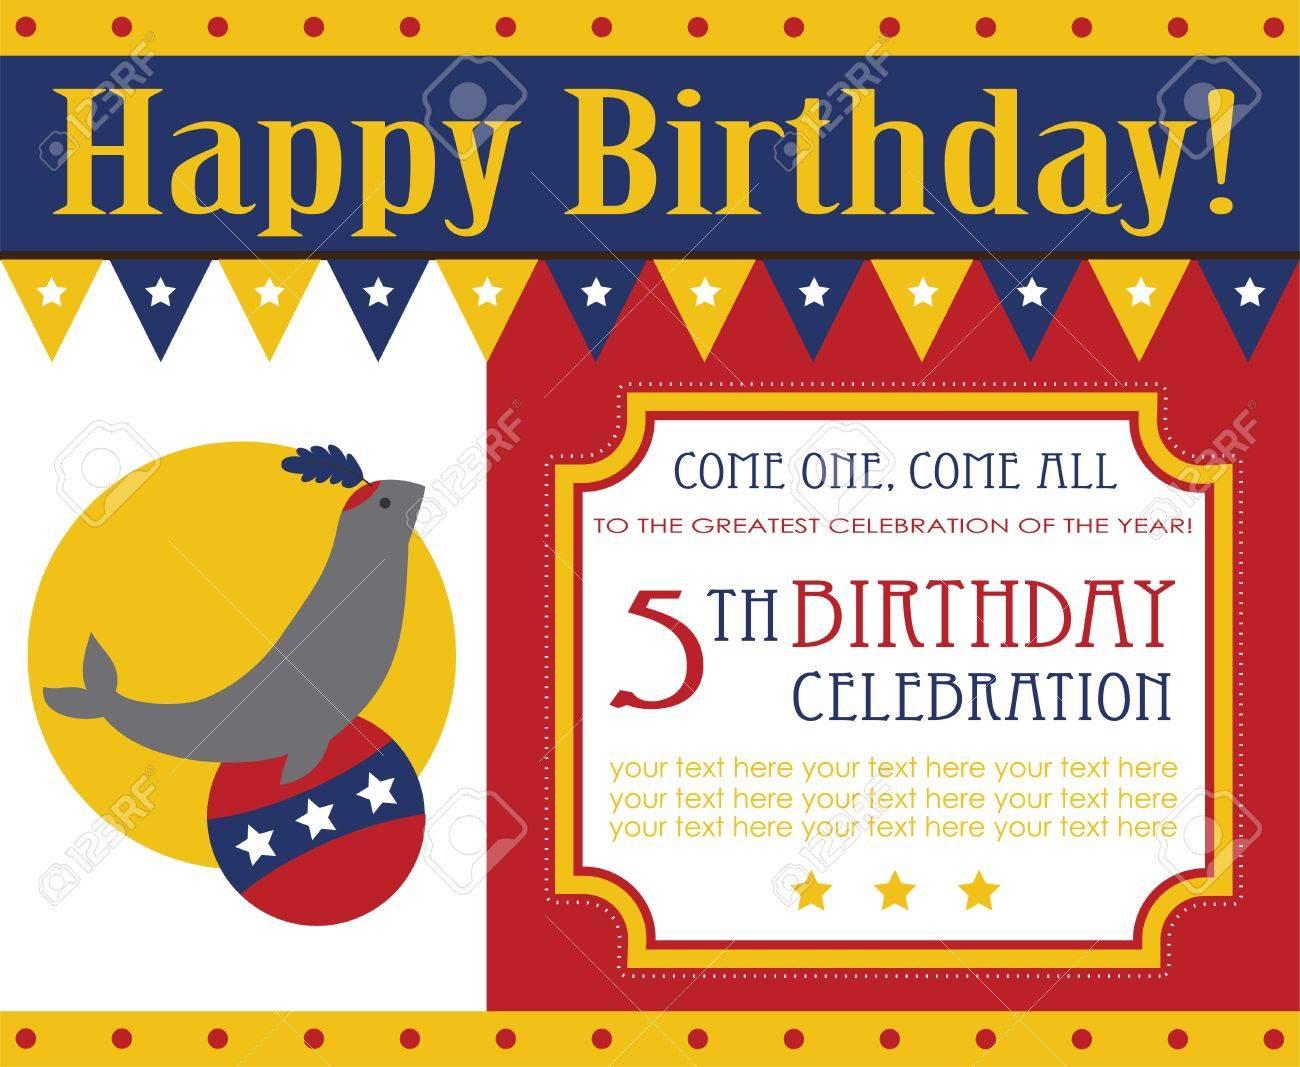 Kid Birthday Invitation Card Design. Vector Illustration Royalty ...